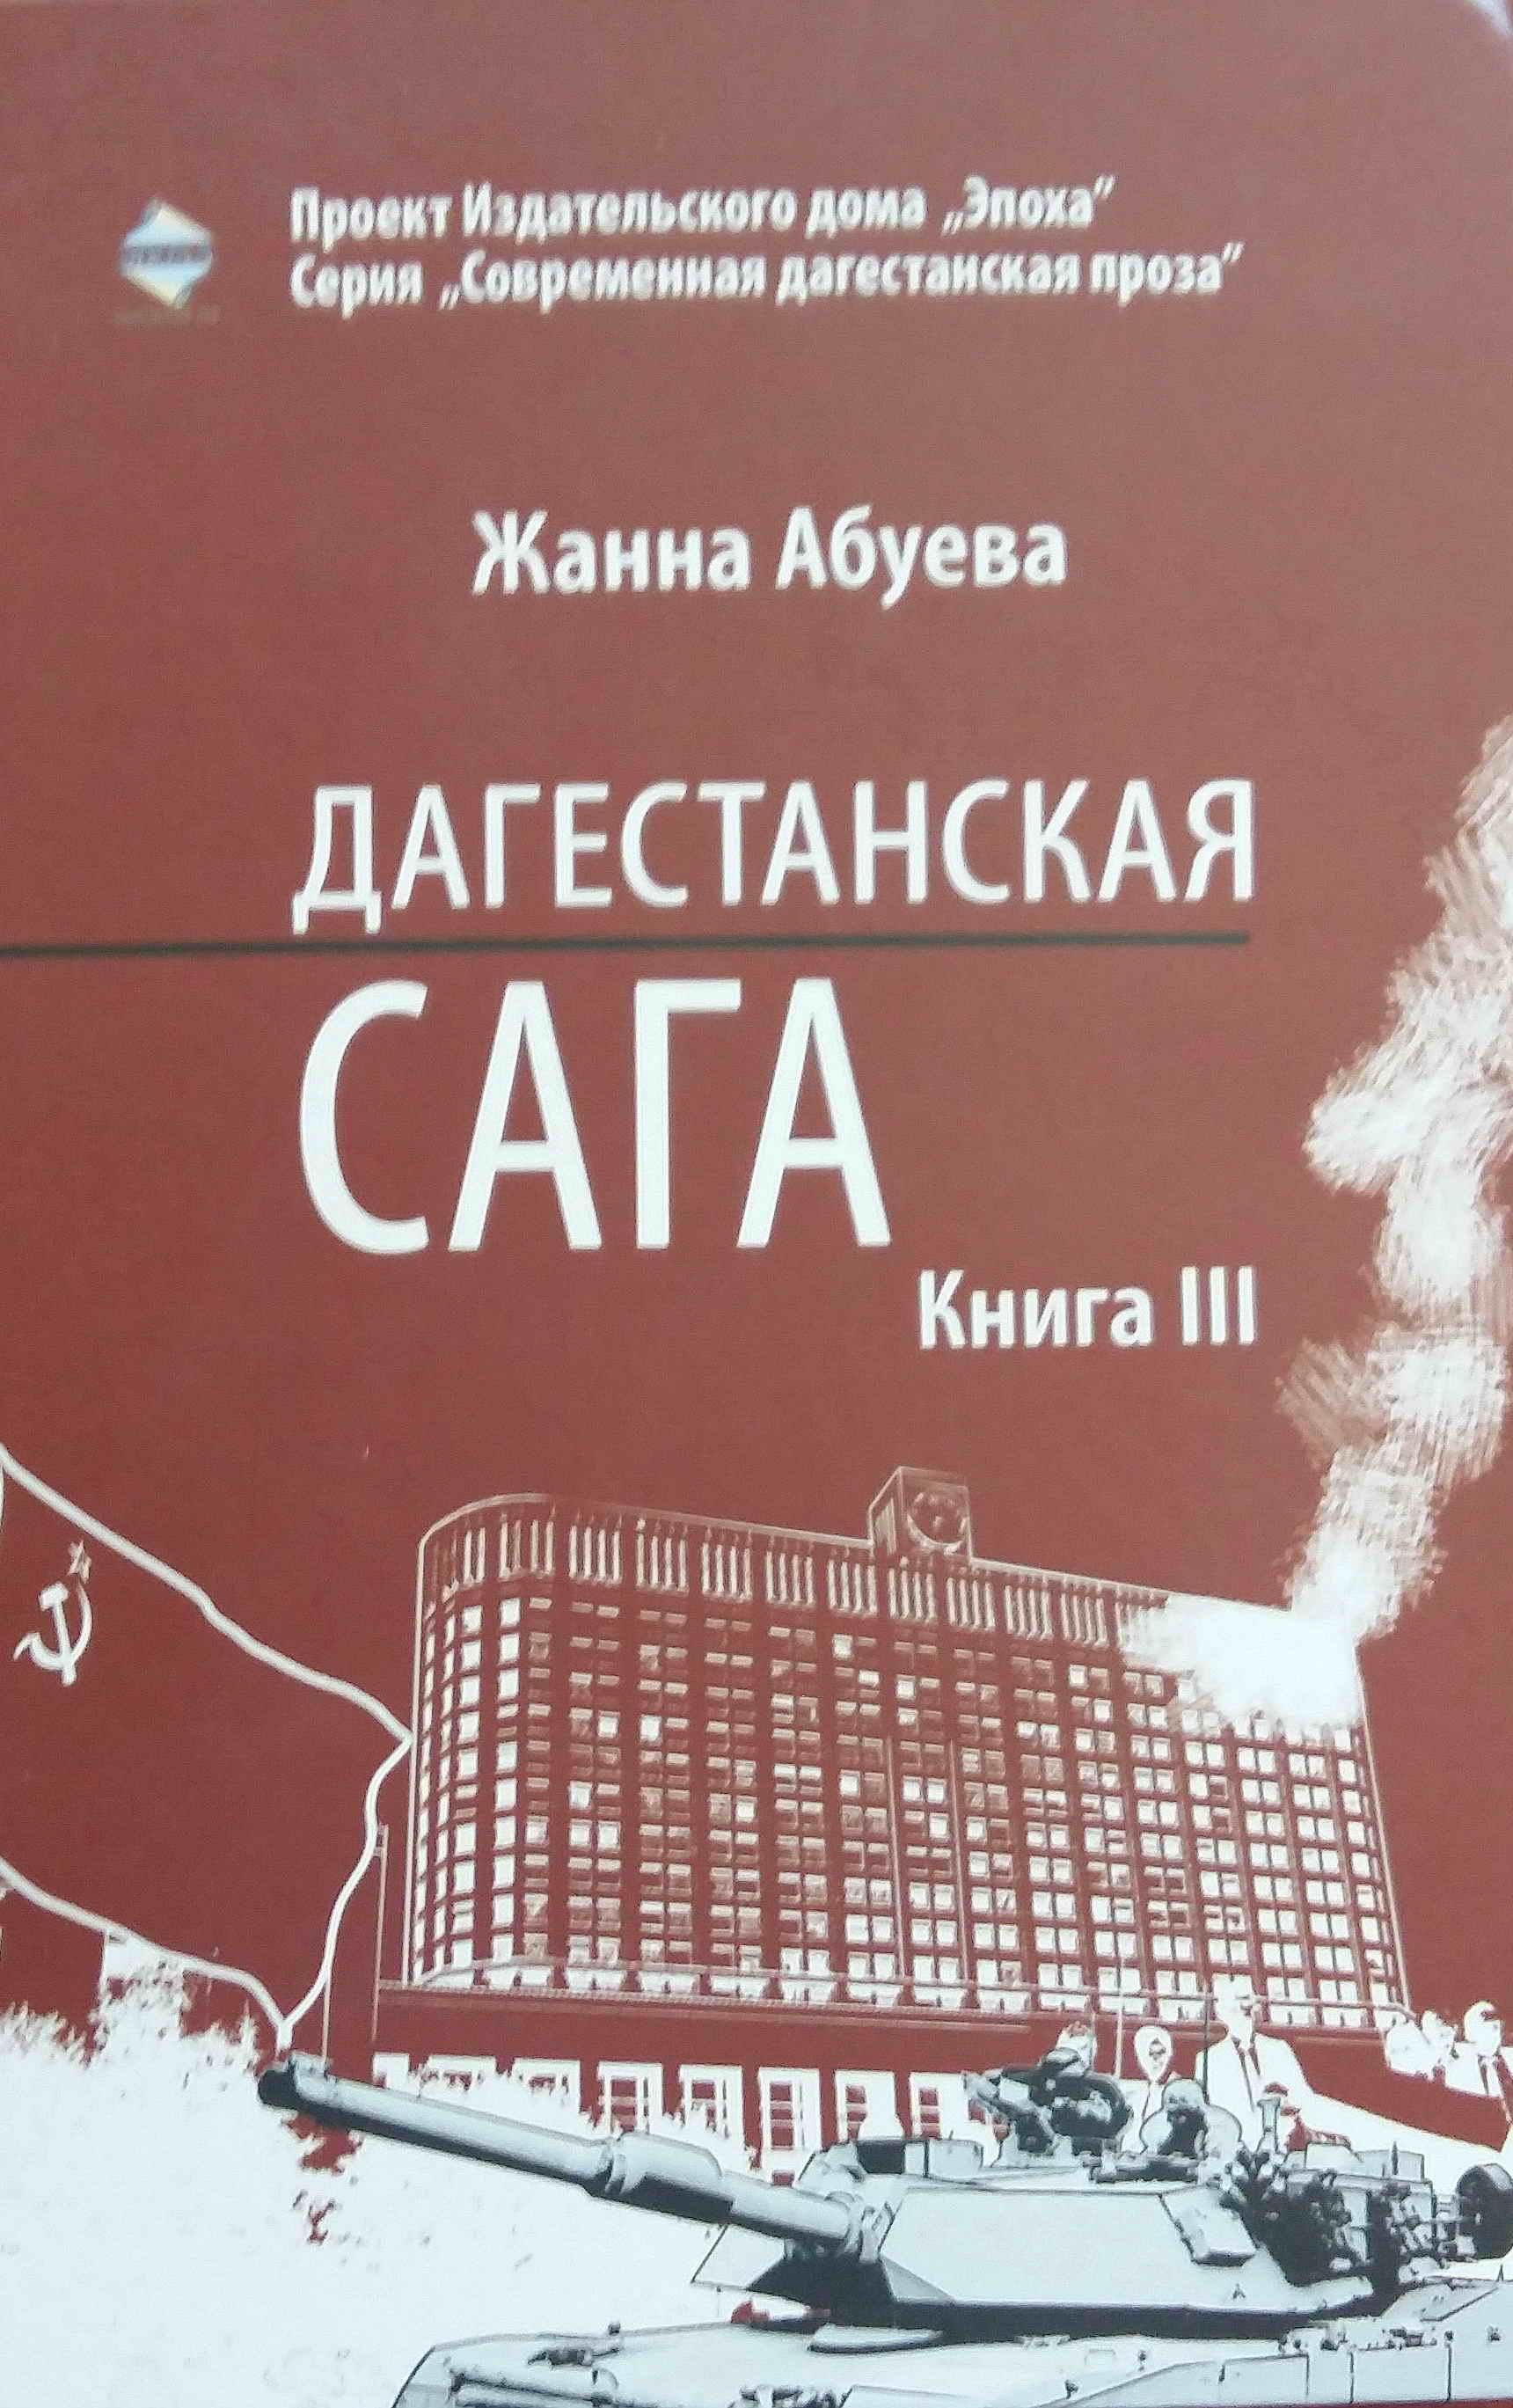 DagestanskayaSaga